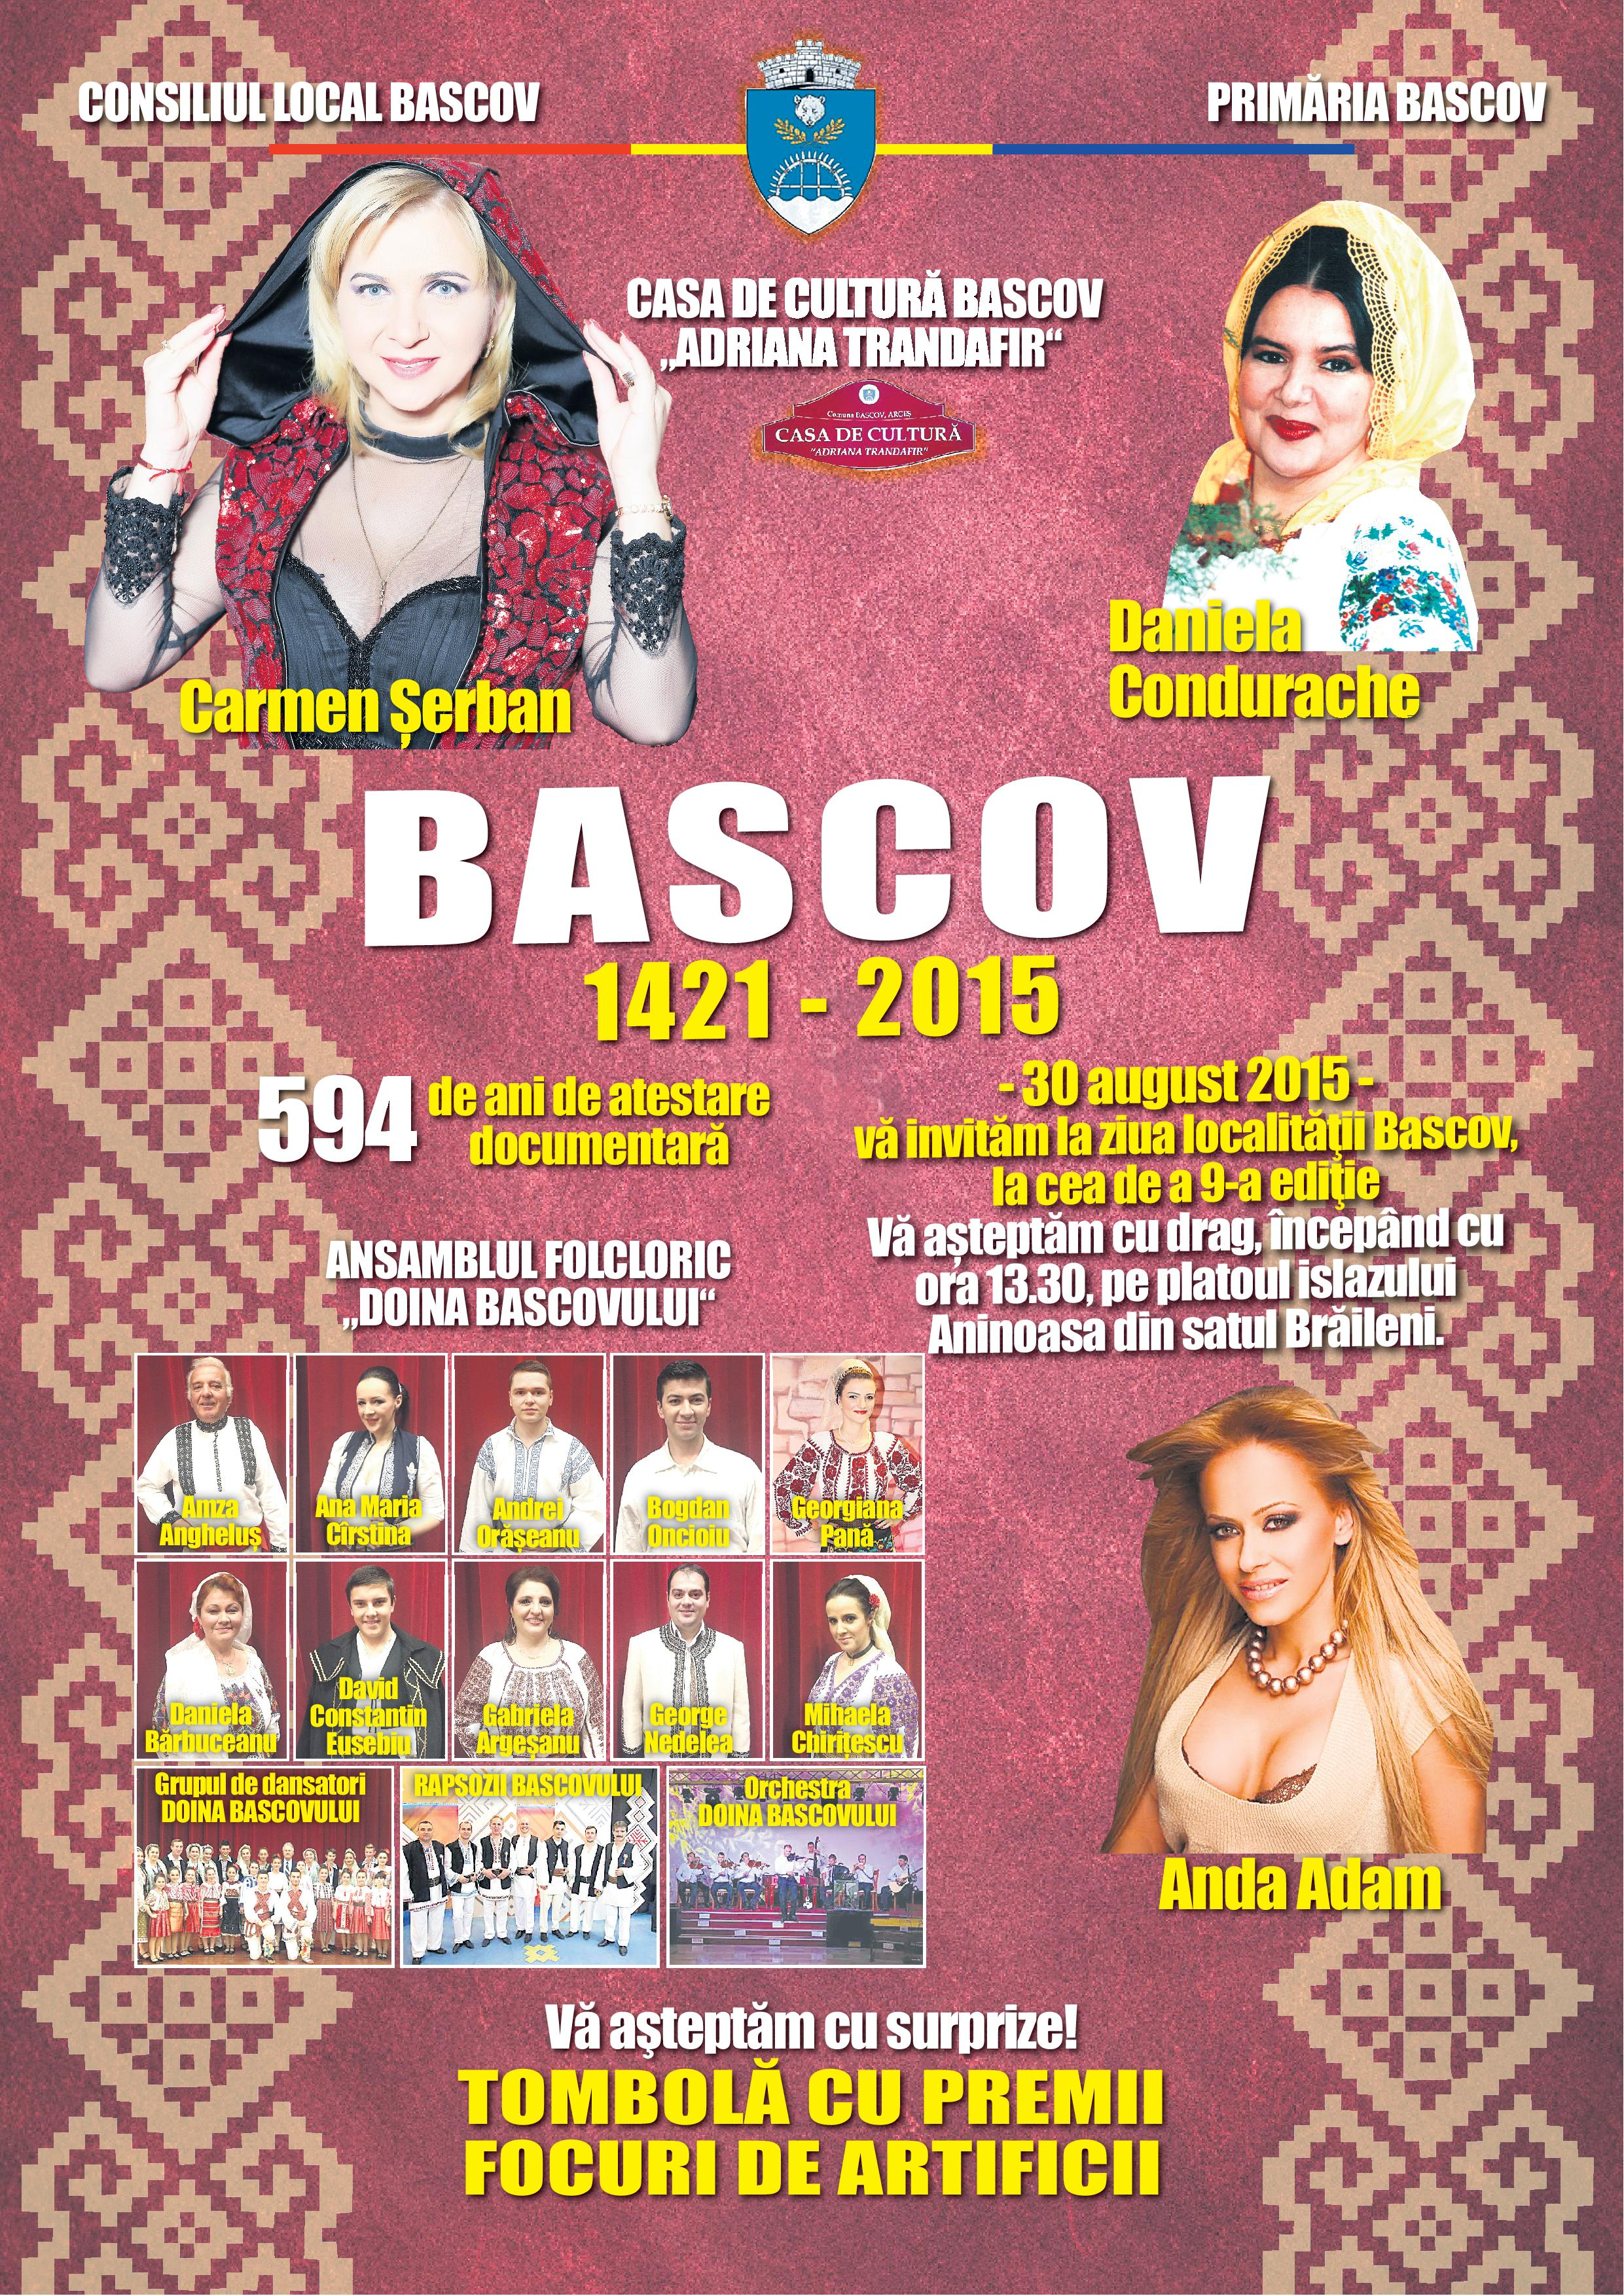 Bascovul sărbătorește duminică, 594 ani de atestare documentară